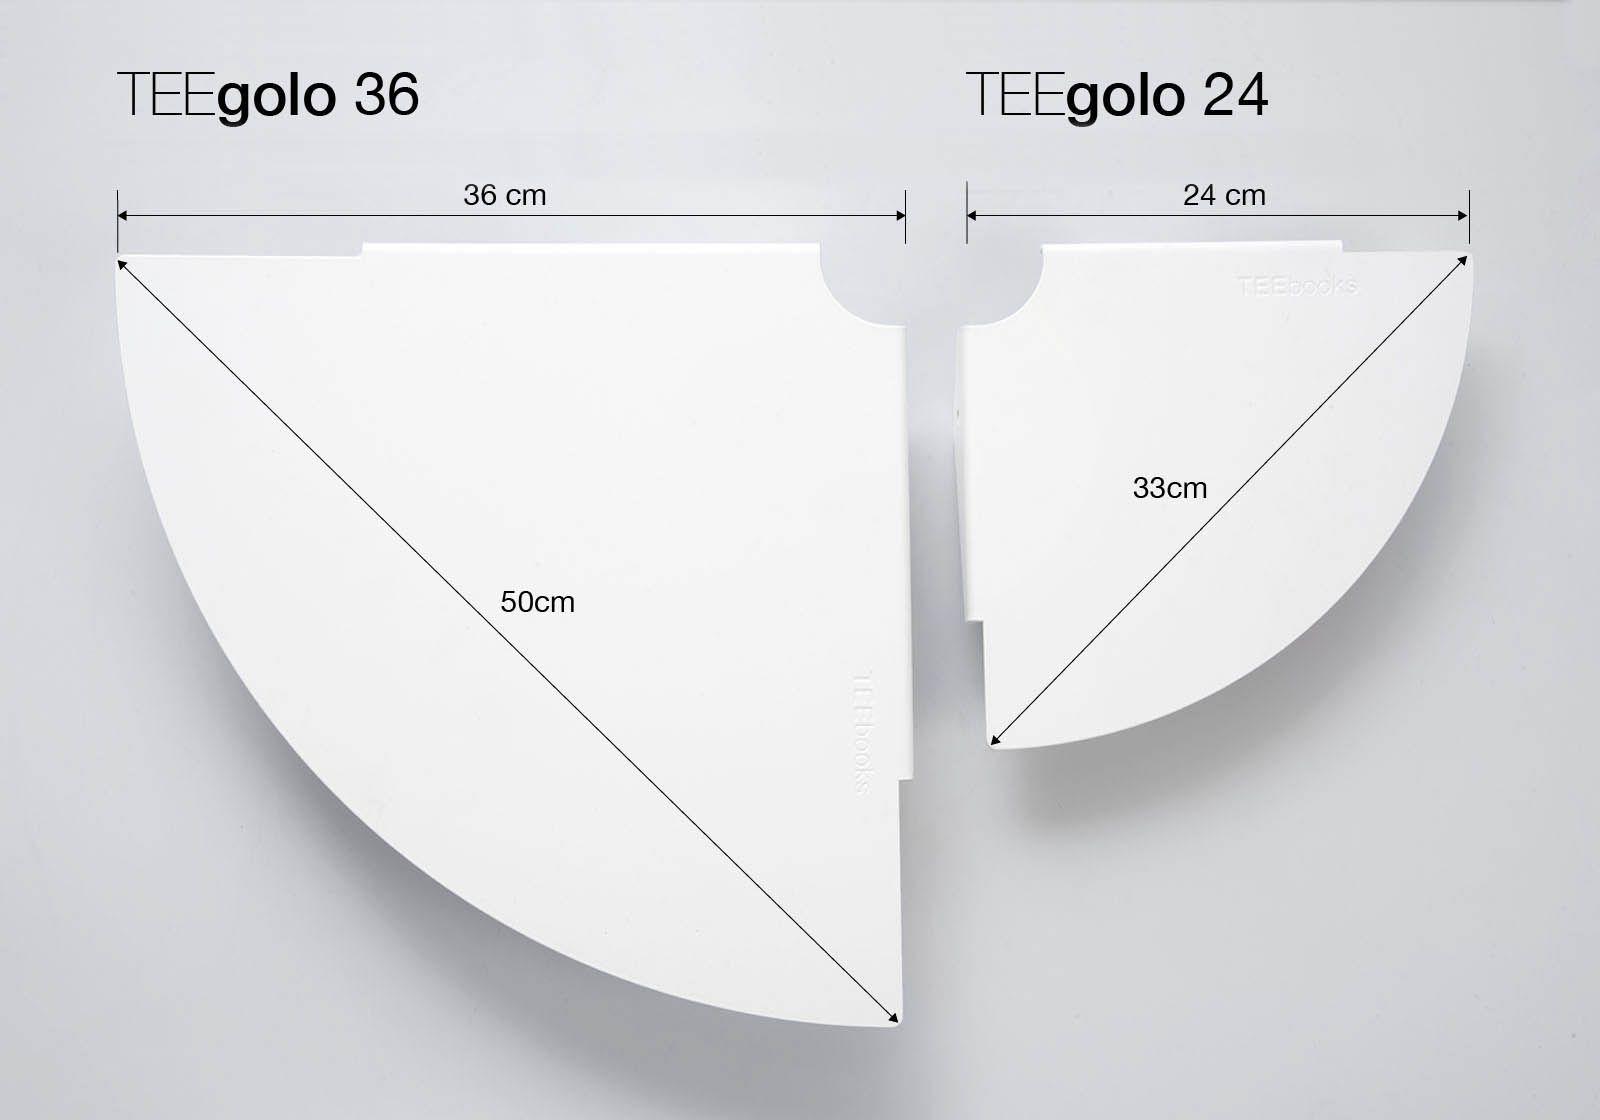 Achetez Etagere Angle Pour Salle De Bain Teegolo 24 Cm